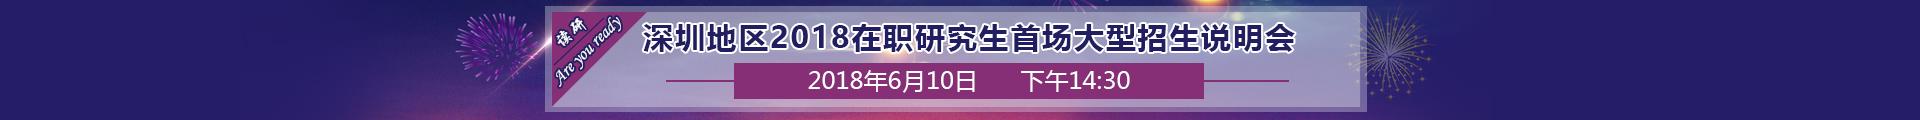 深圳地区说明会